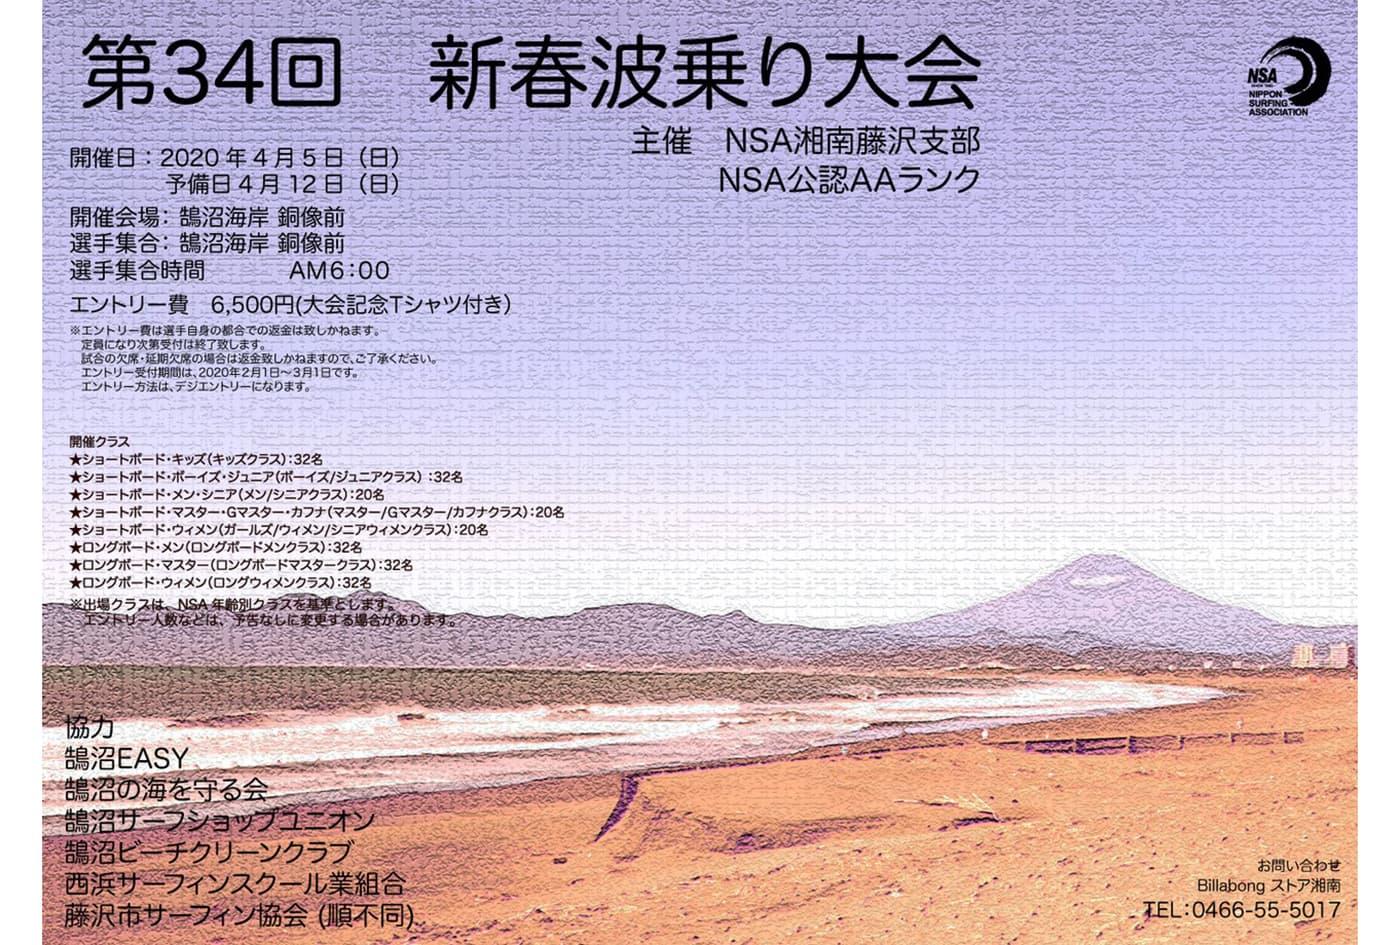 新春波乗り大会 | 神奈川県藤沢市鵠沼海岸